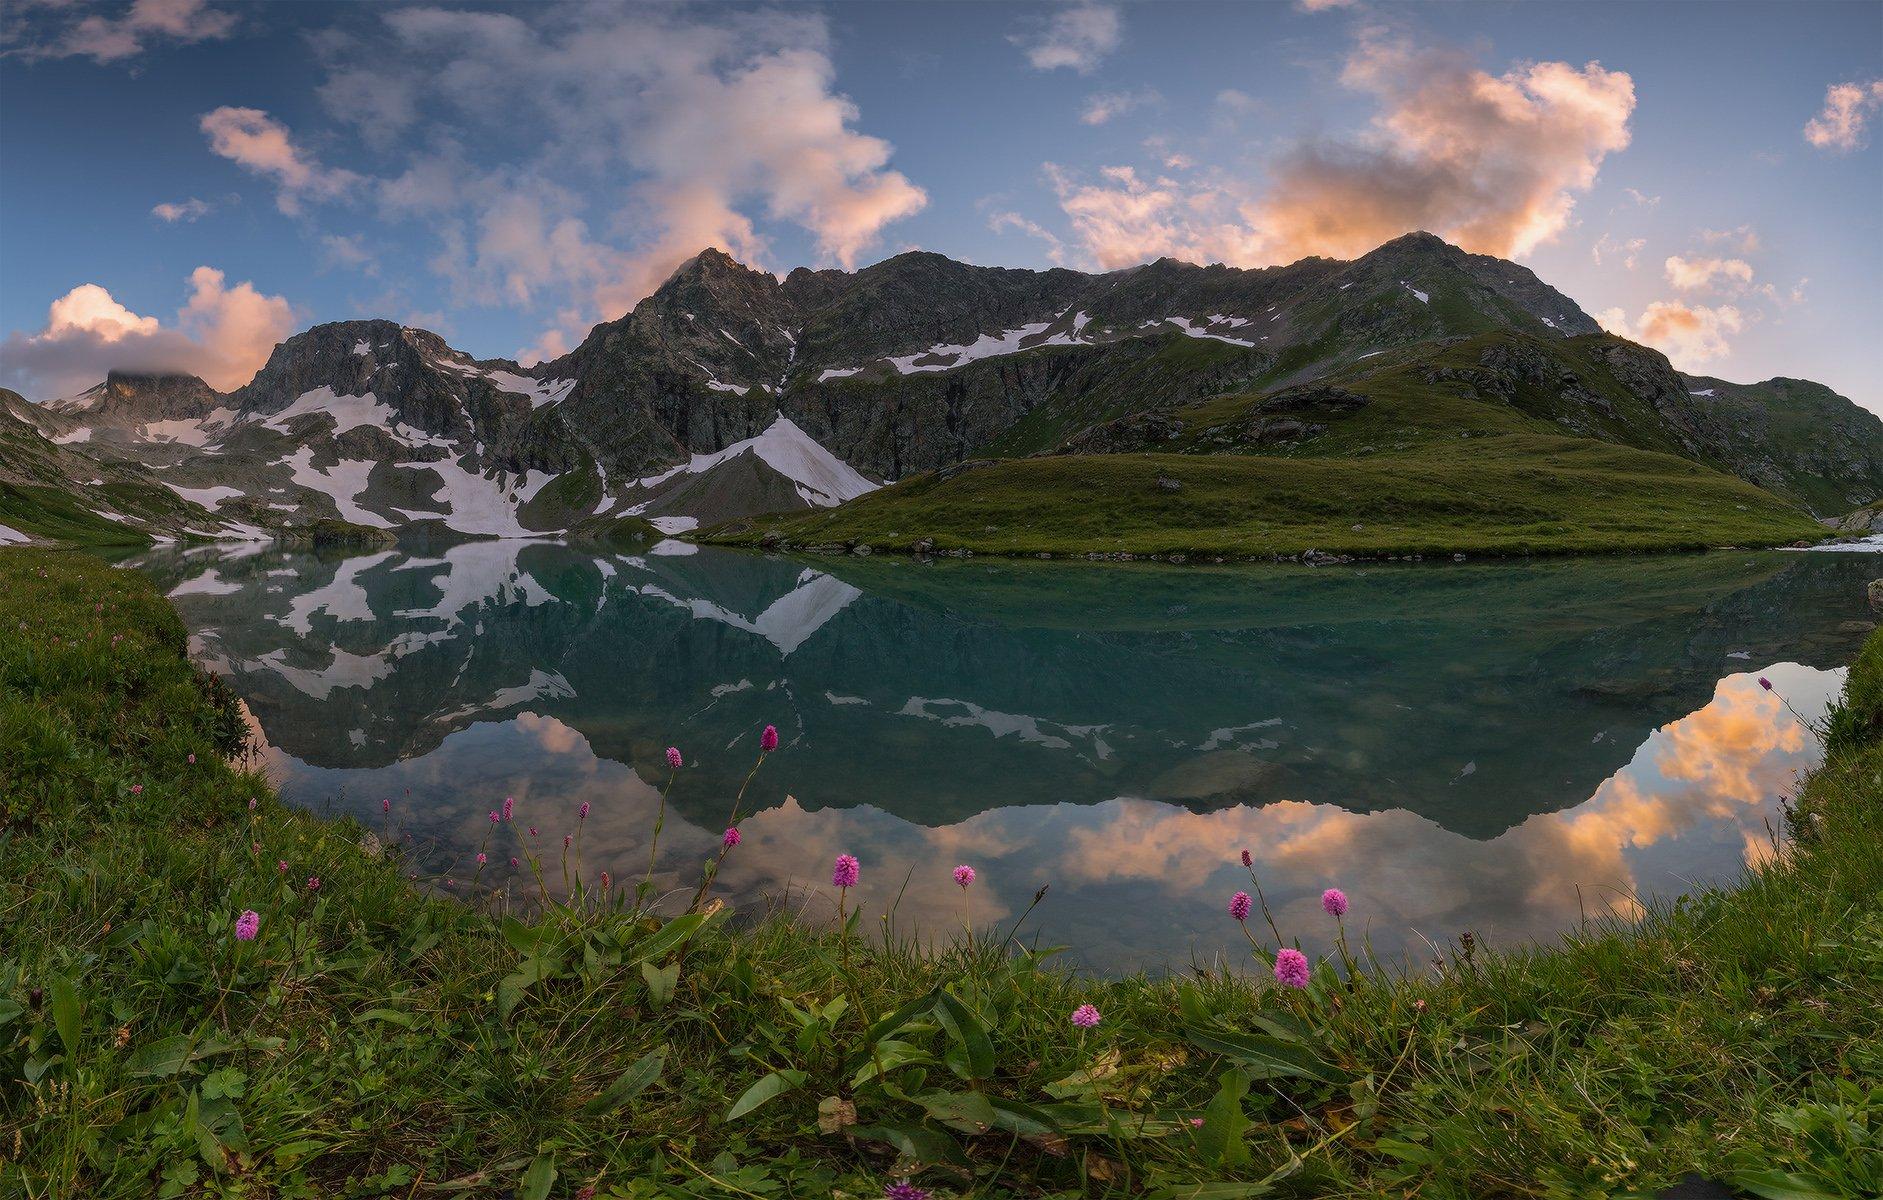 северный, кавказ, большое имеретинское озеро, вечер, июль,, Николай